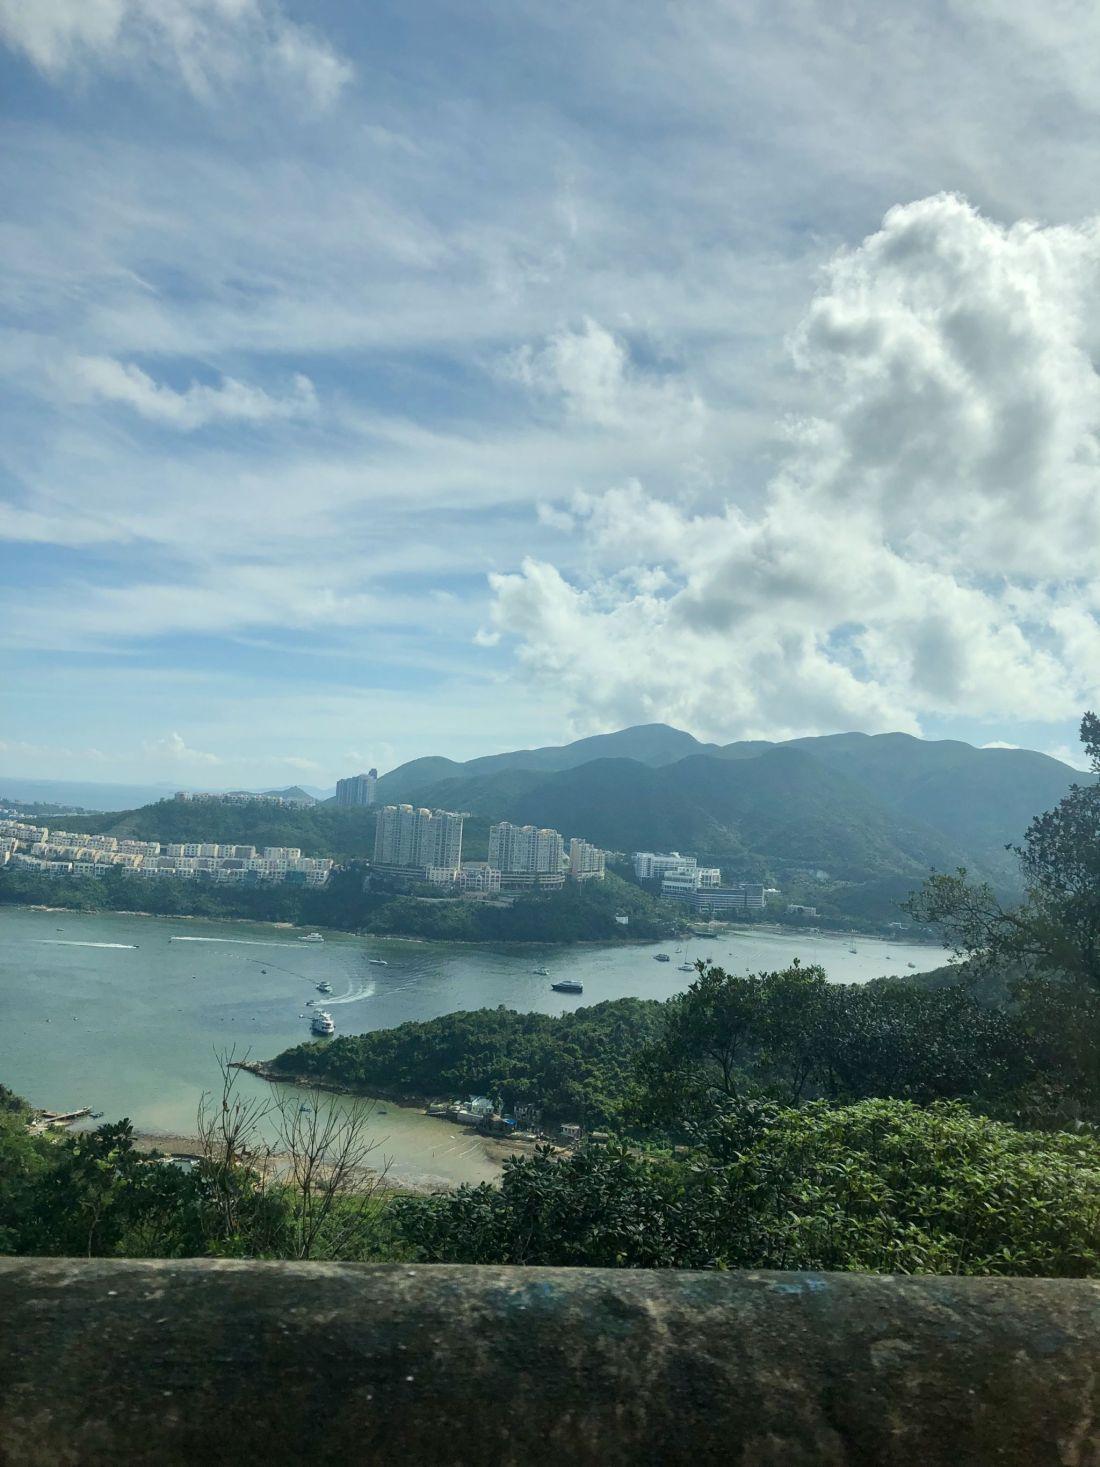 Views over Shek O, Hong Kong